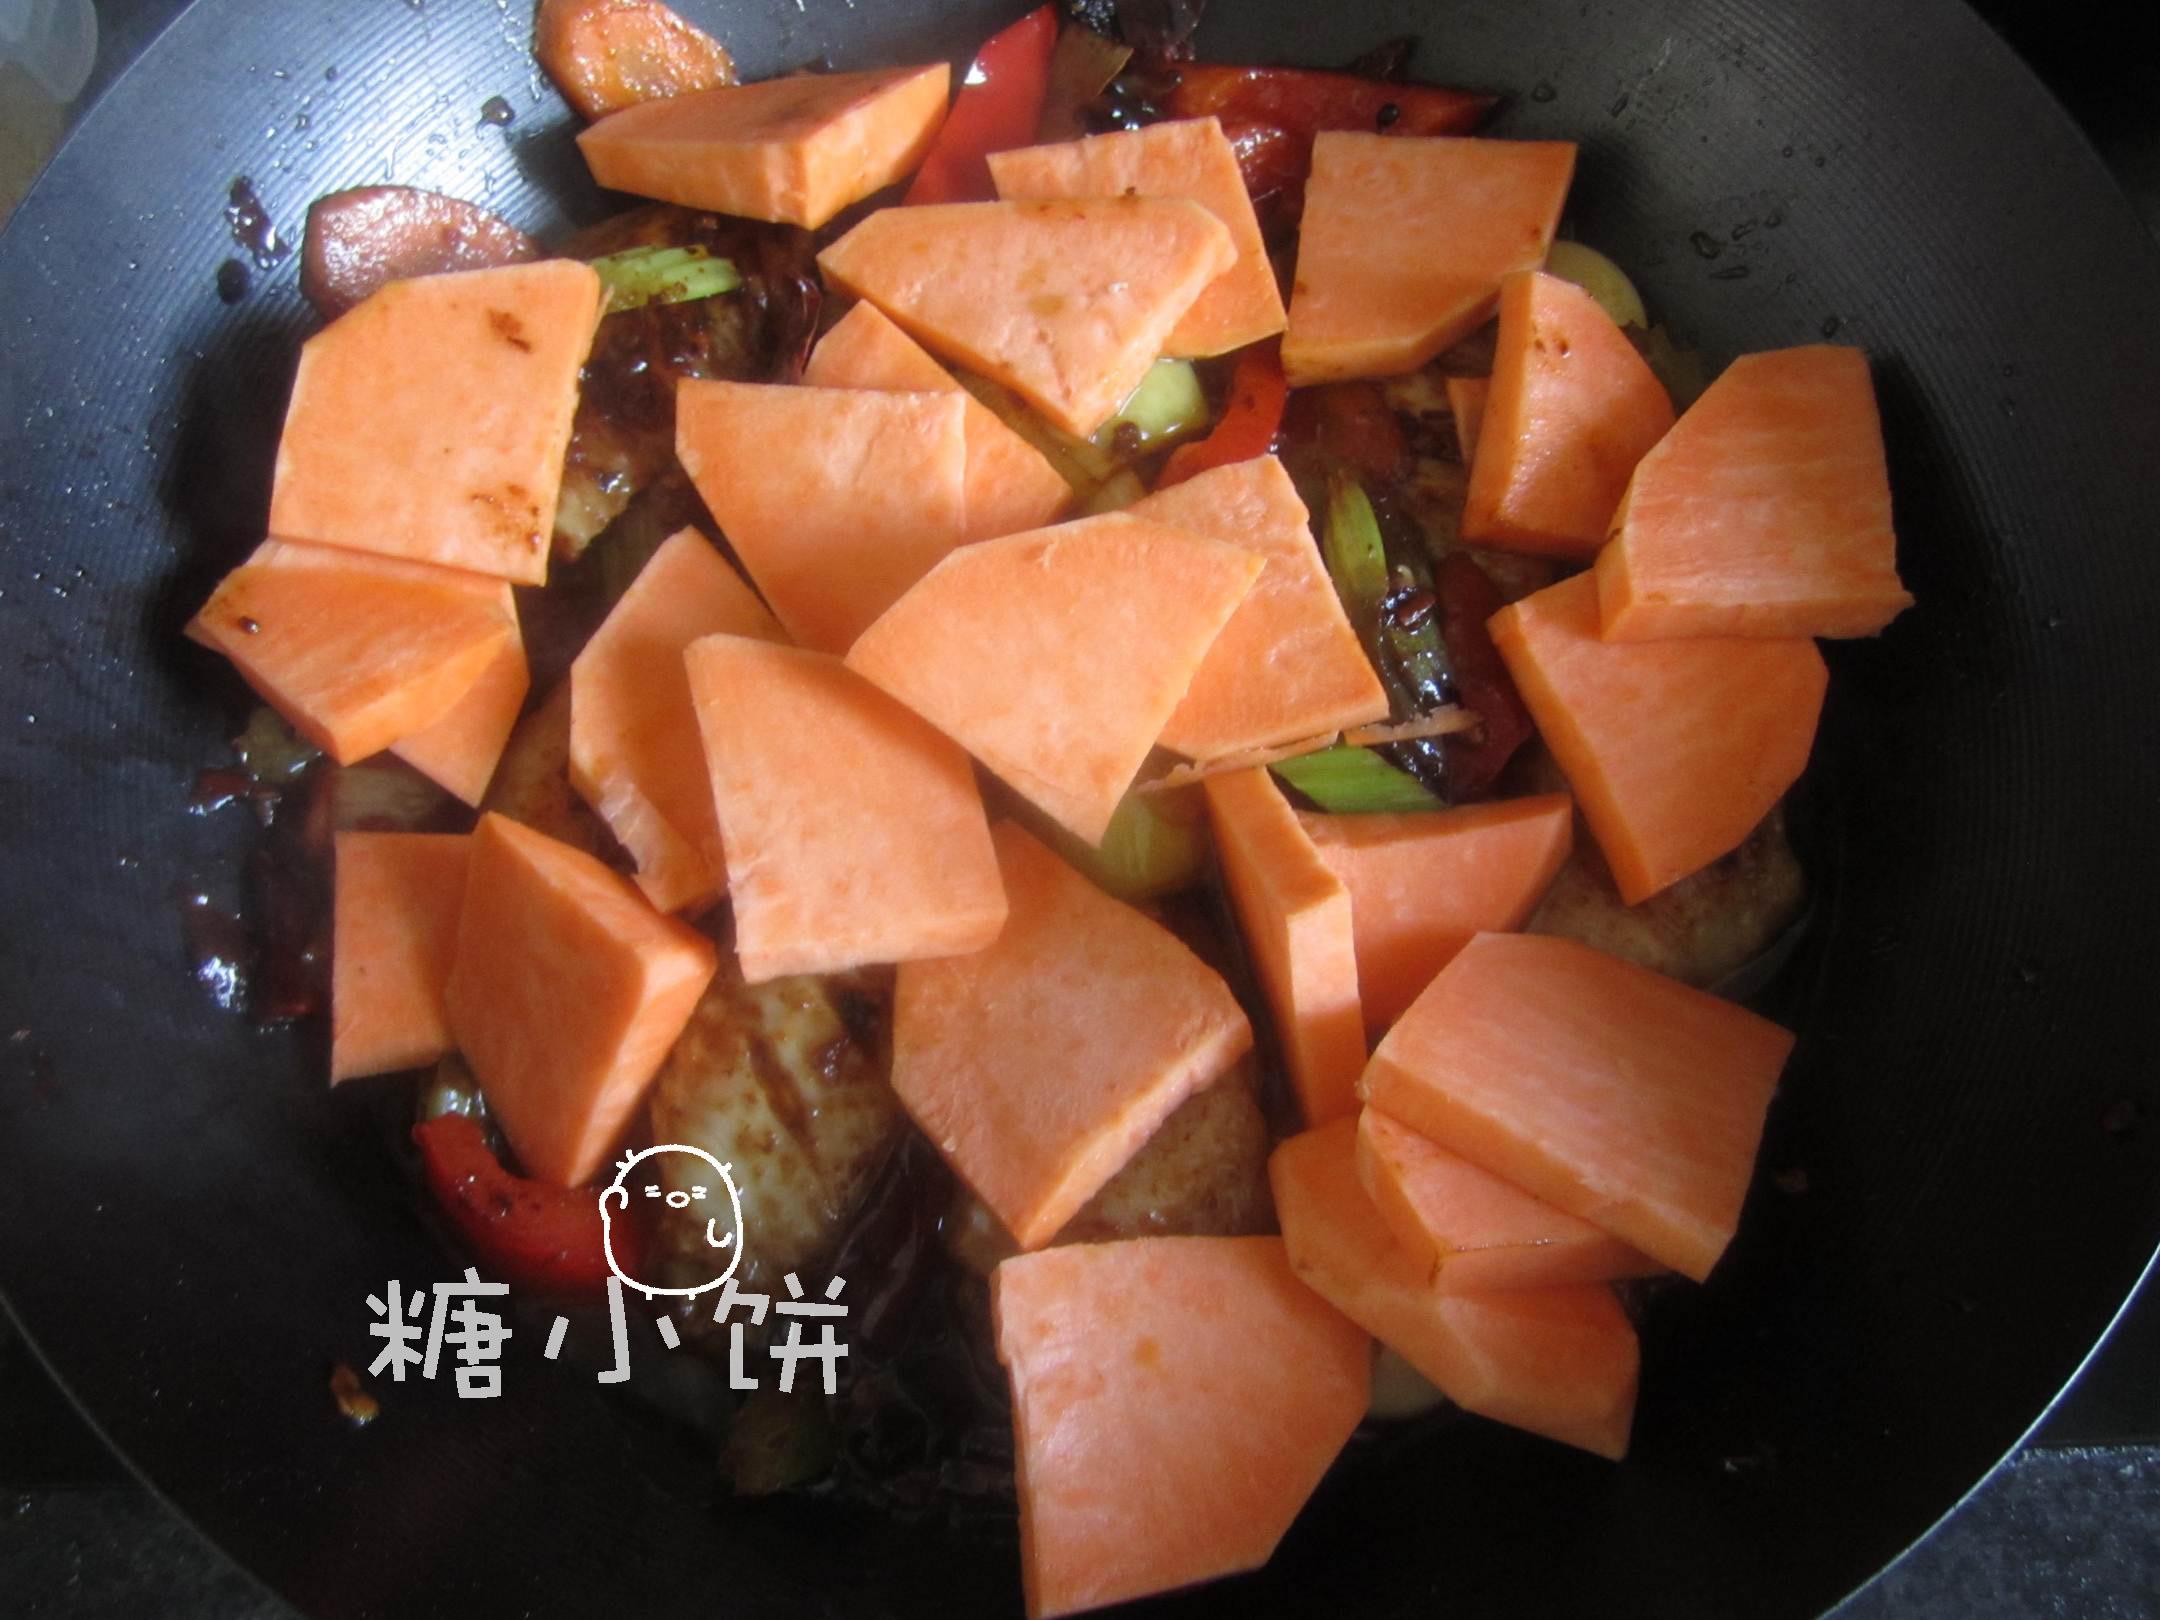 【麻辣香锅翅】自制火锅底料的应用②